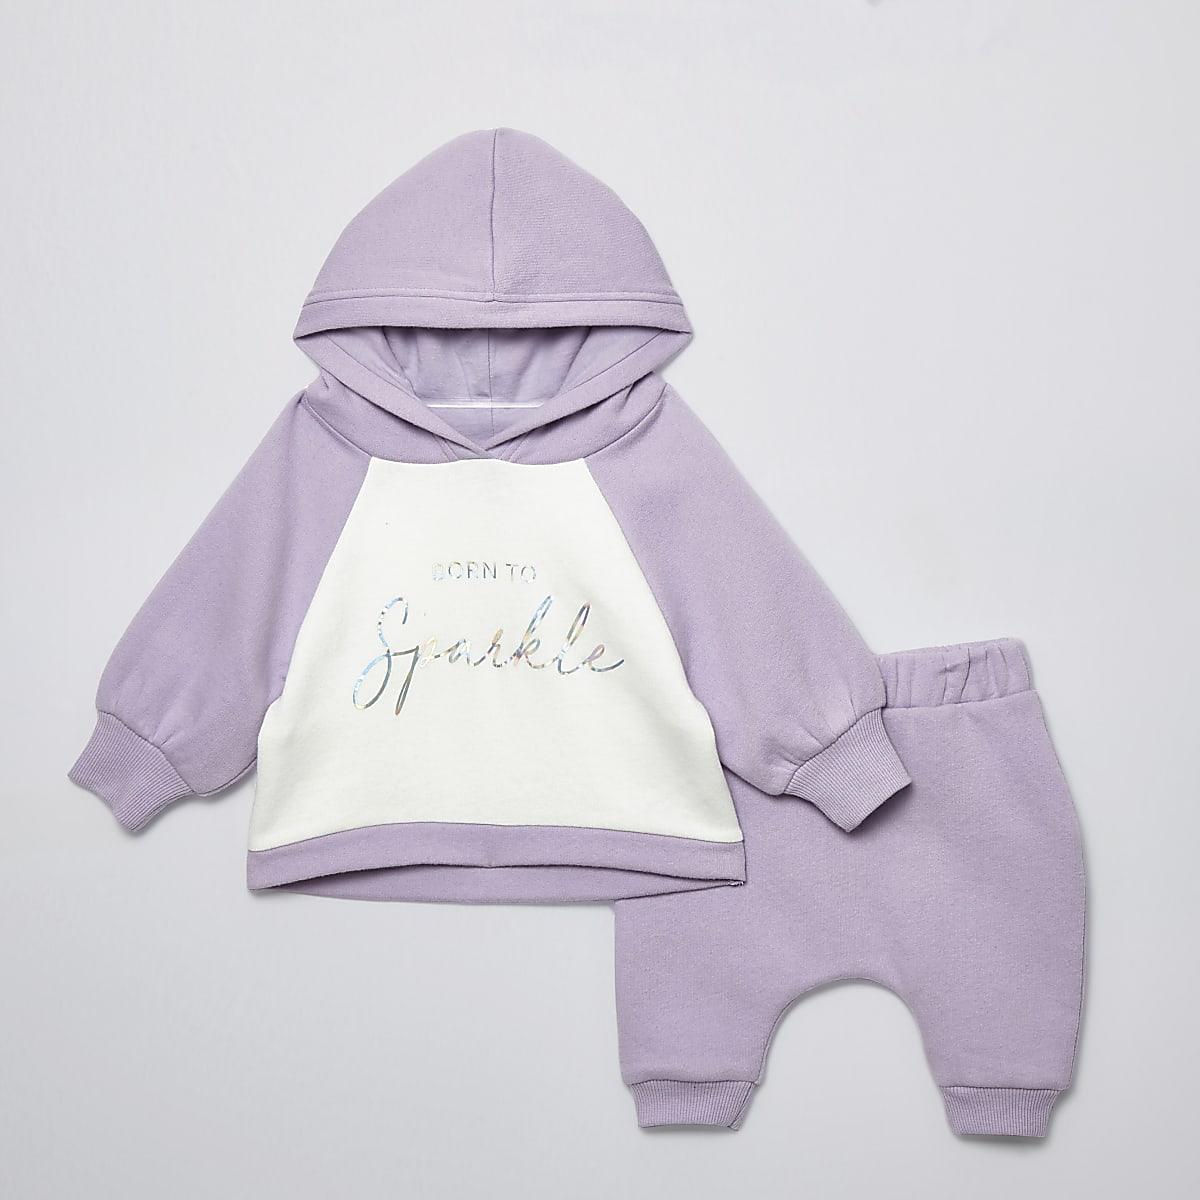 Outfit met lila hoodie met 'Born to sparkle'-print